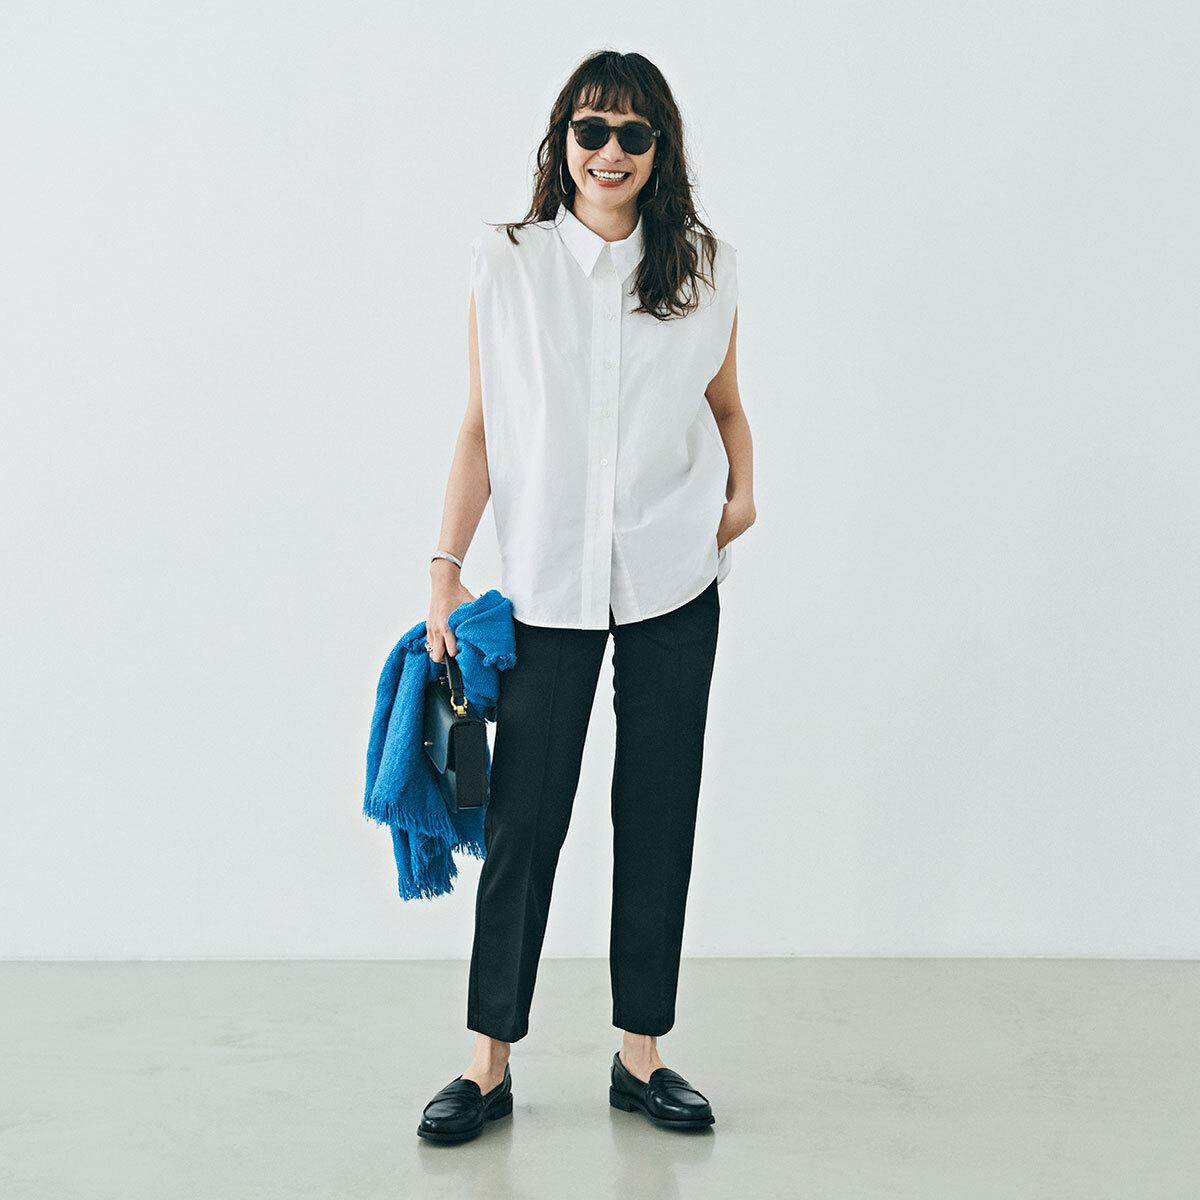 「ストール」でアラフォーの夏コーデをブラッシュアップ! 冷房対策にもおしゃれにも効くストールの取り入れ方  40代ファッション_1_5